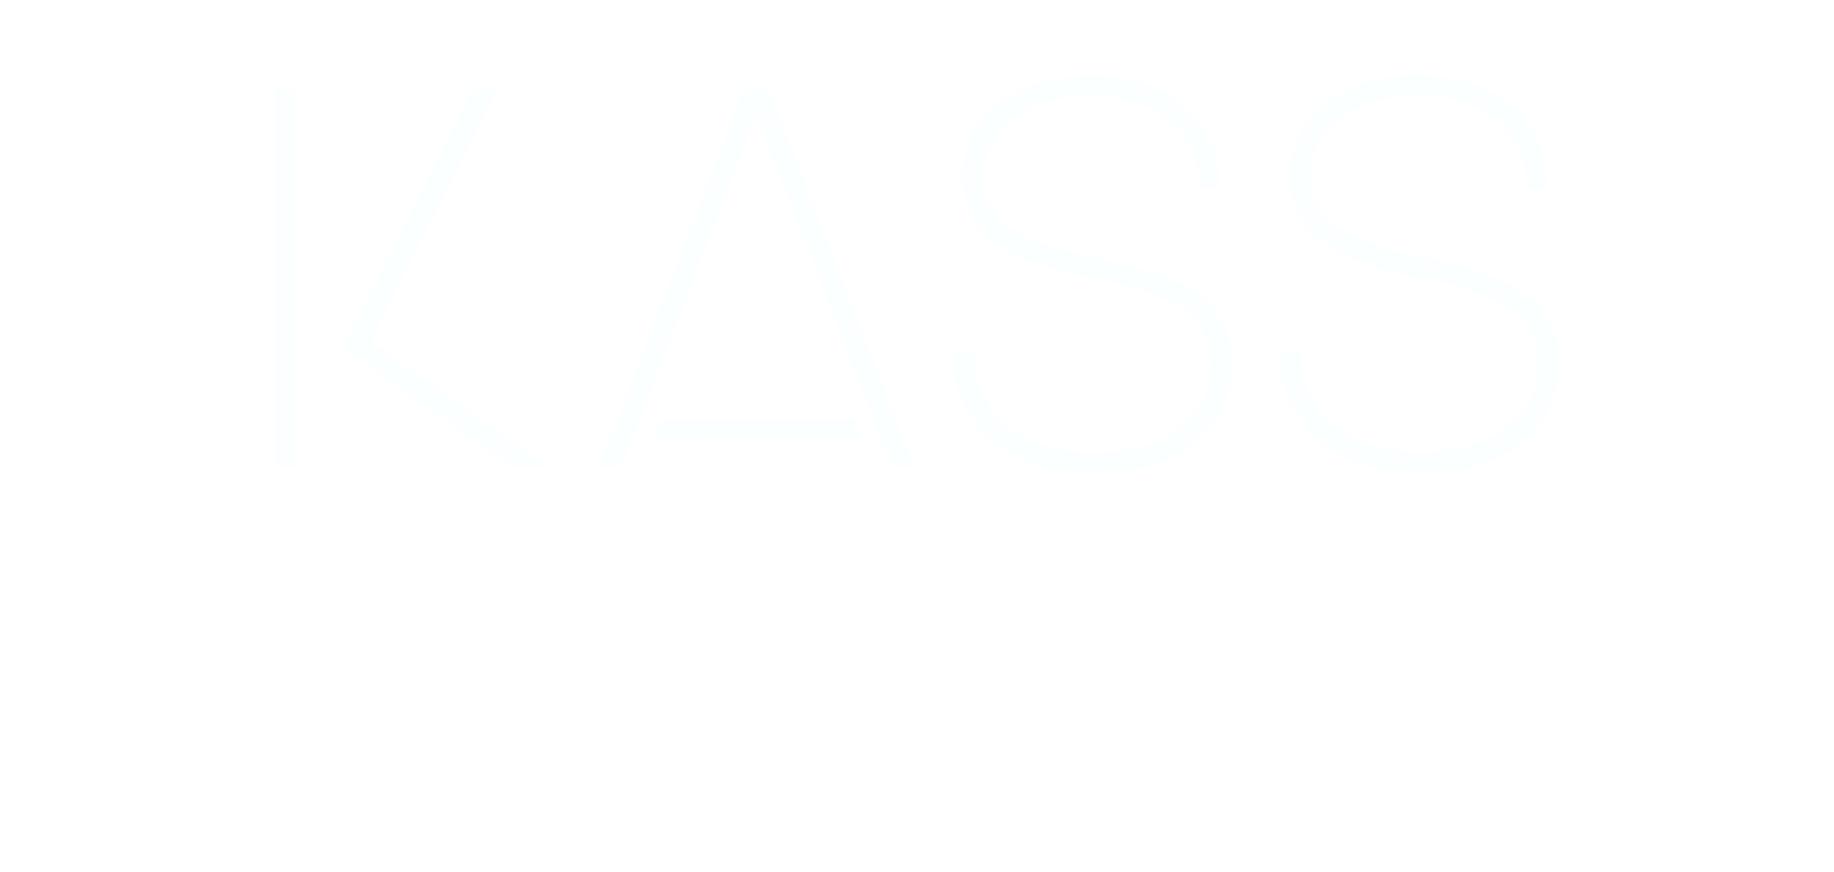 footer KASS logo.png